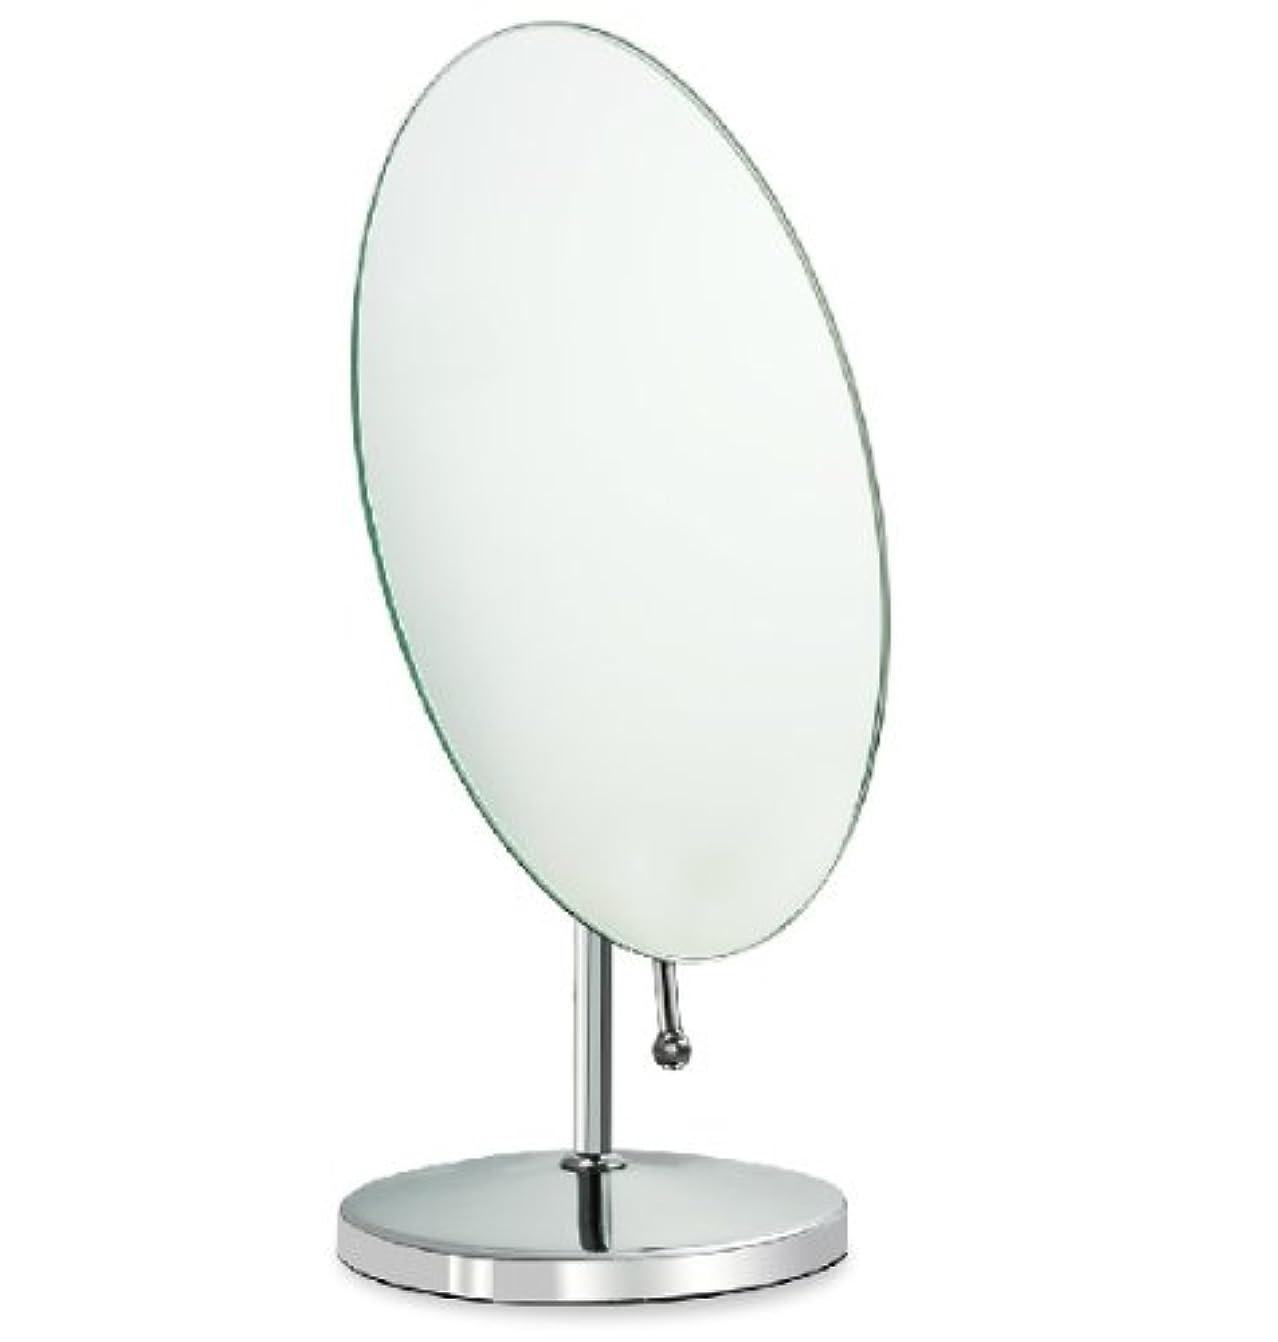 革命的サスペンション感度鏡 卓上鏡 化粧鏡 スタンドミラー 全方向可動式 取っ手付き鏡 大きめな楕円形